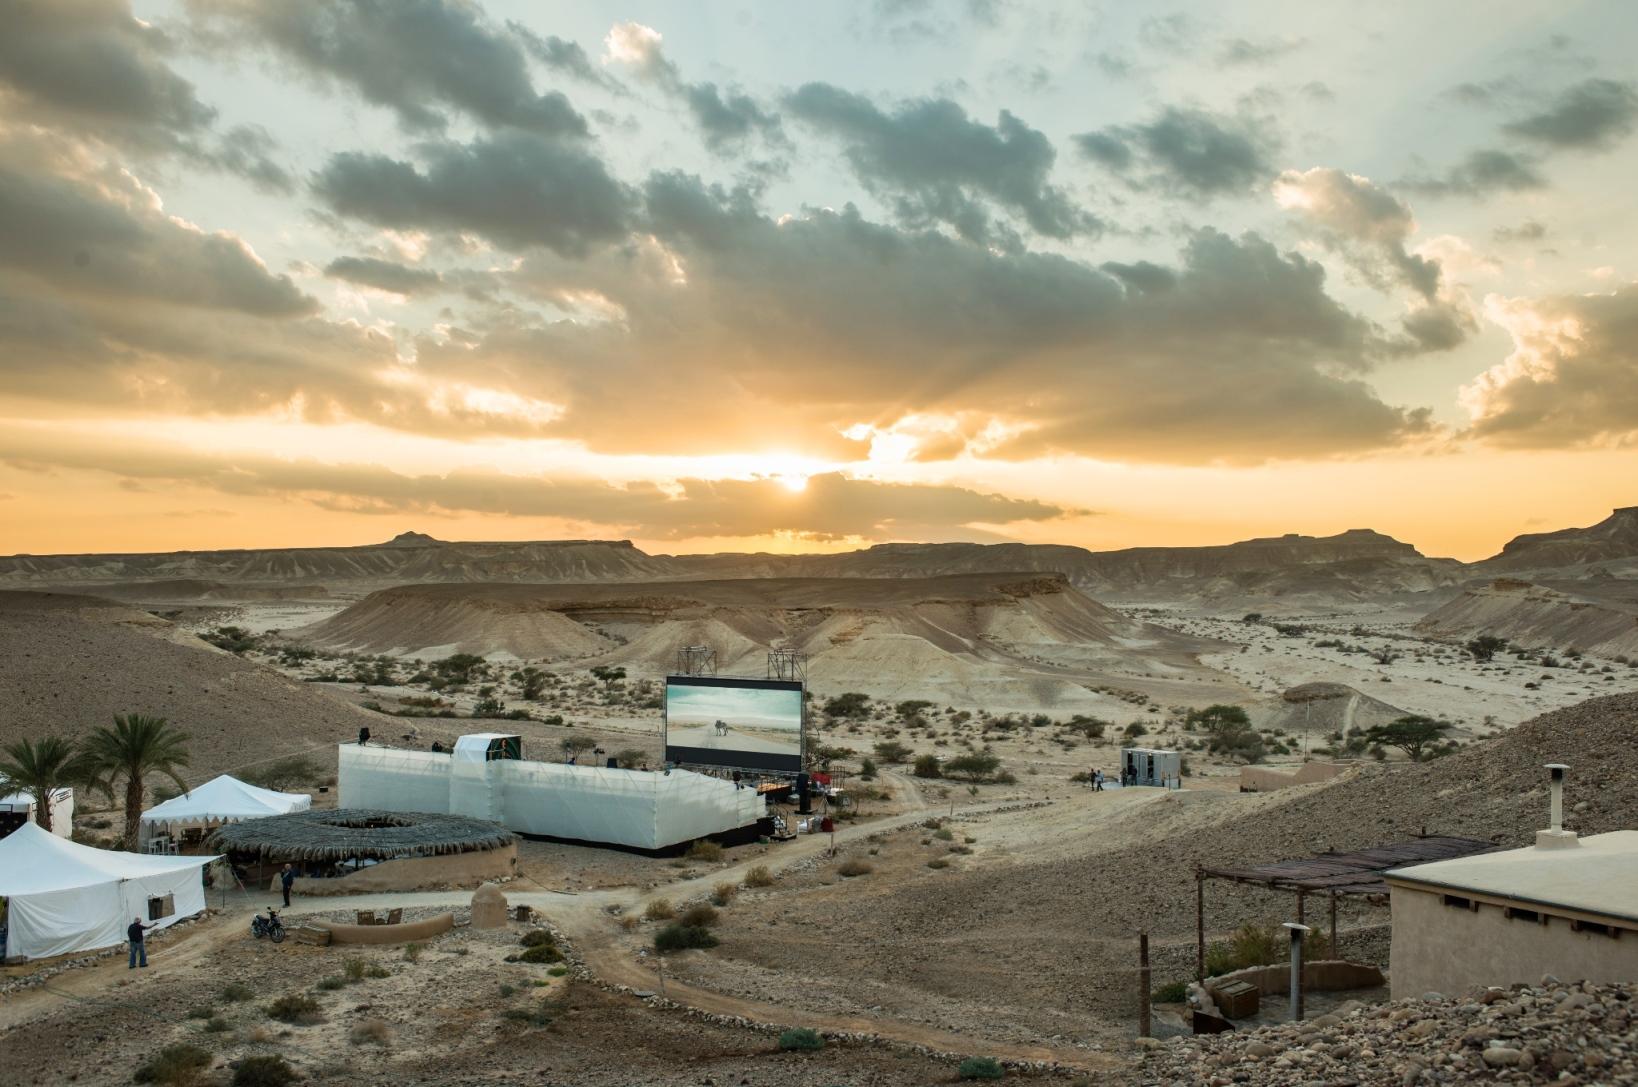 פסטיבל סרטים בערבה | צילום: אדוארד קפרוב